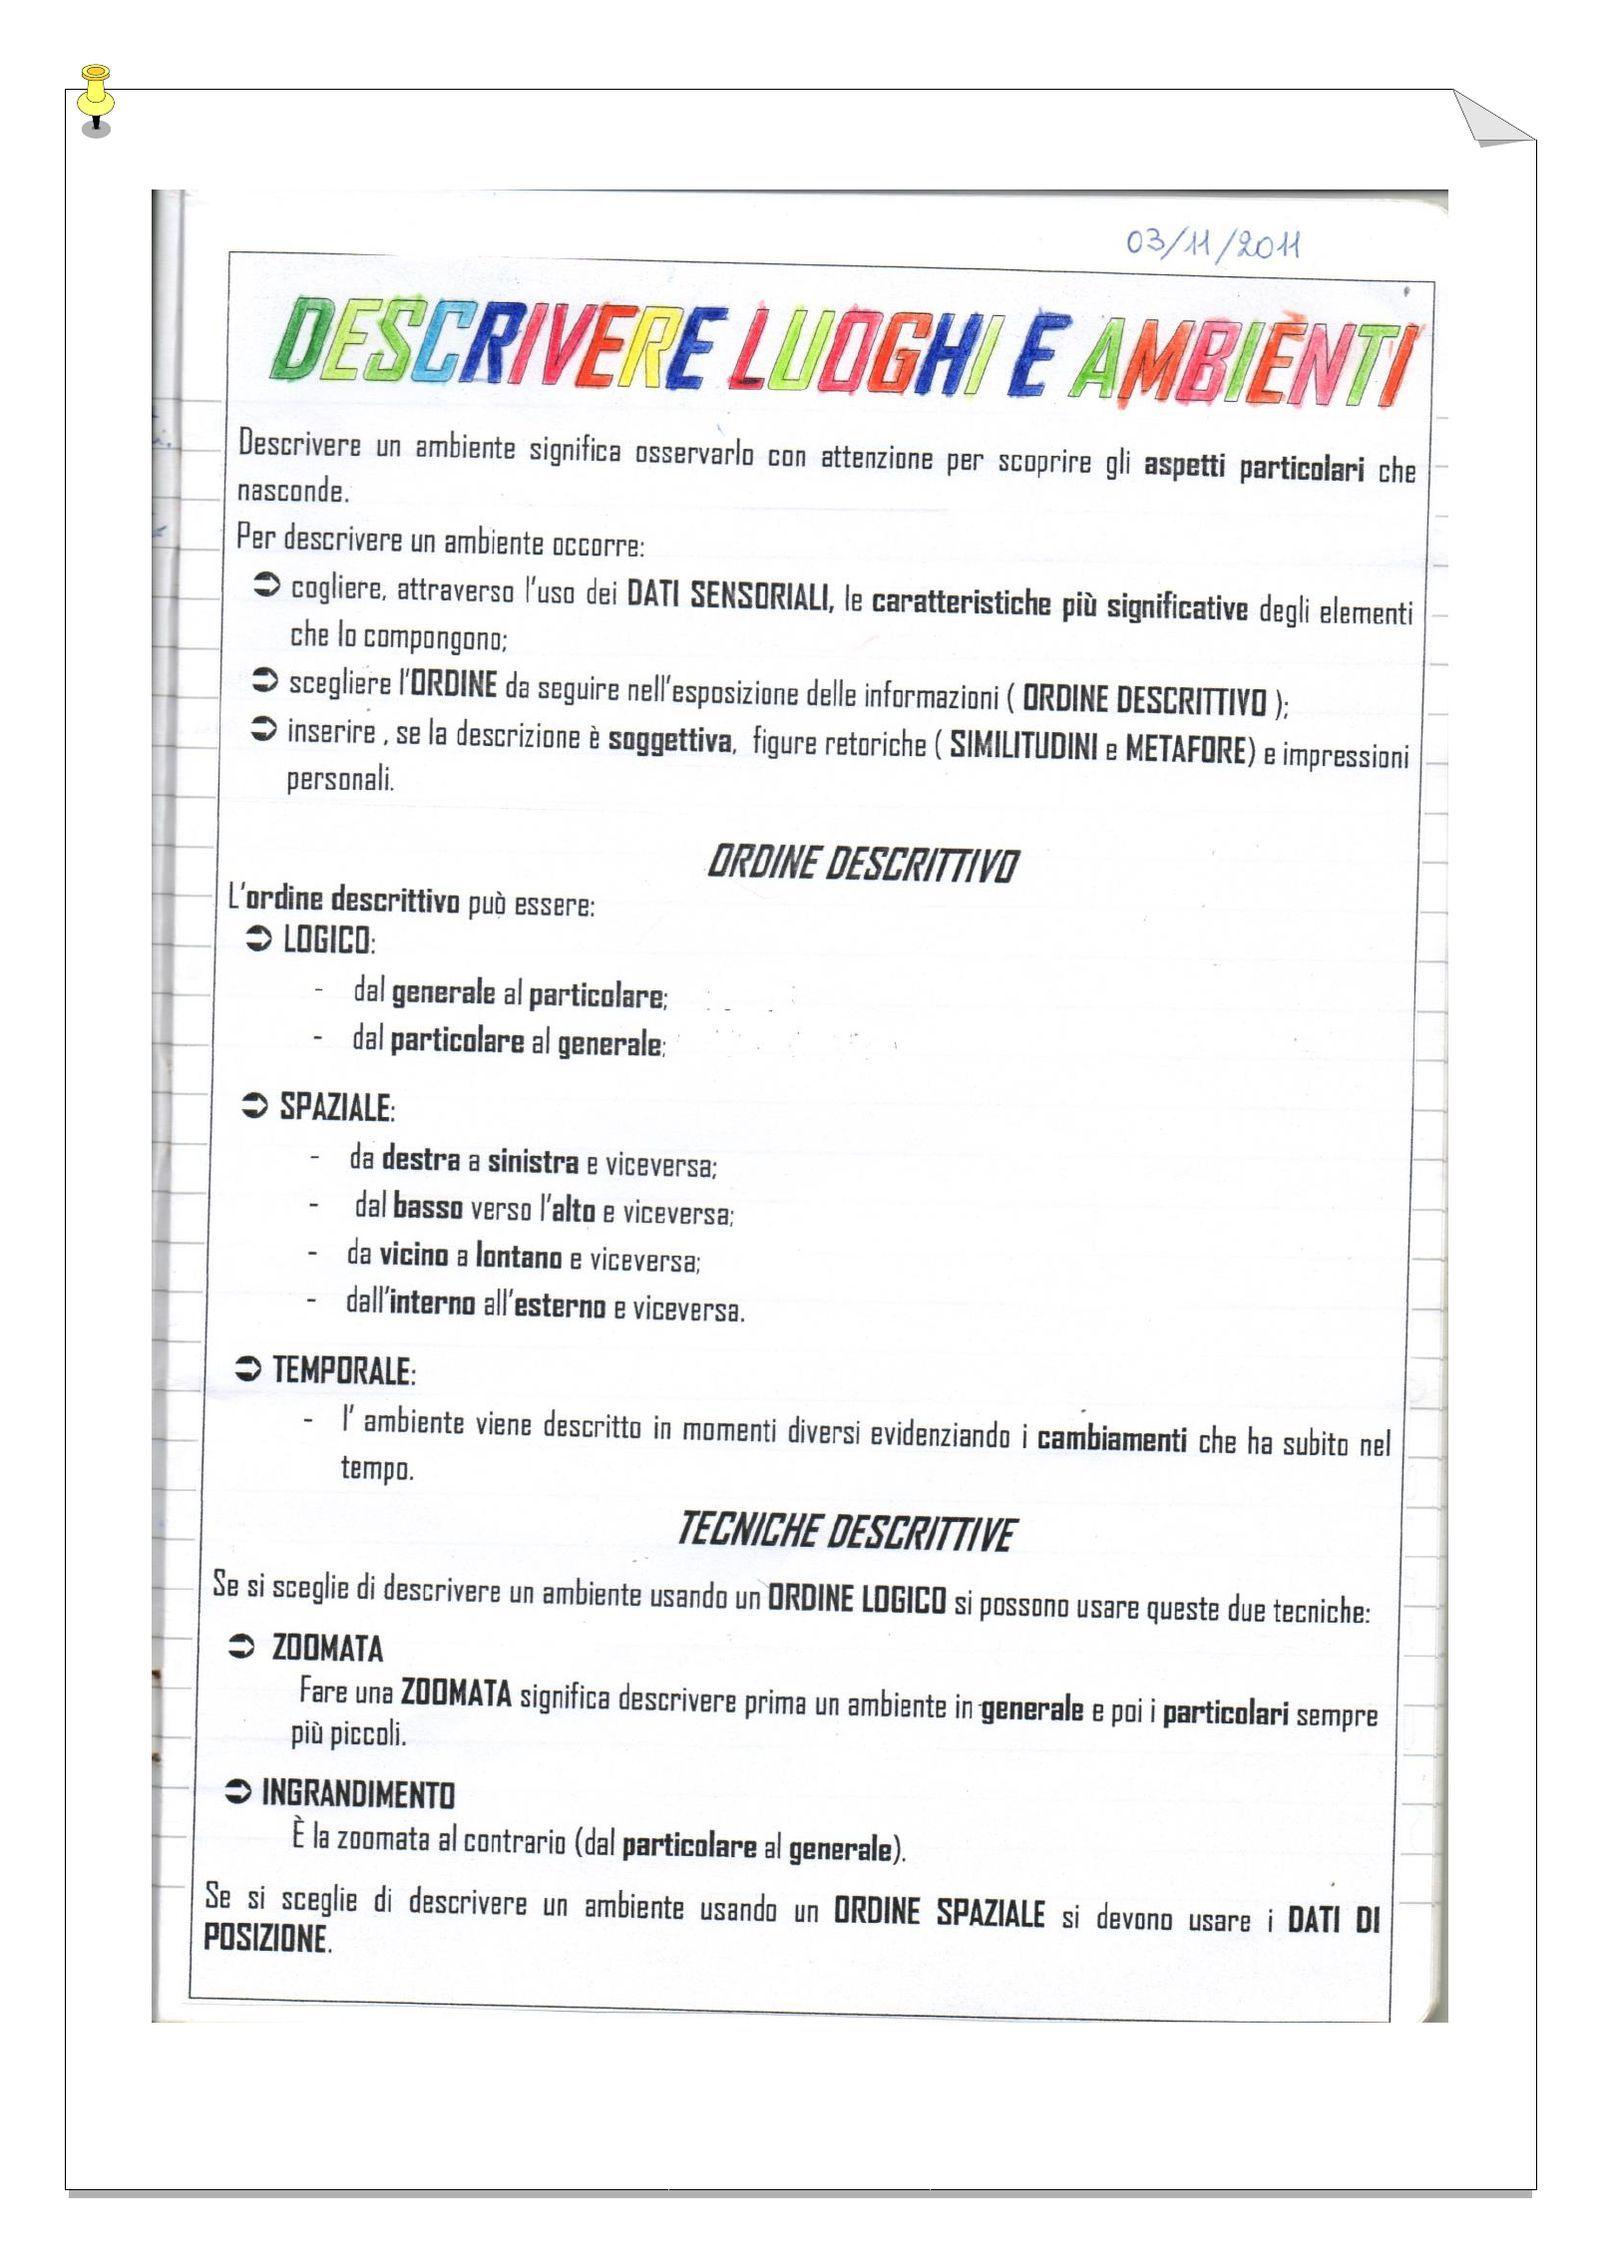 Quaderno Di Italiano N 2 Pdf To Flipbook Imparare L Italiano